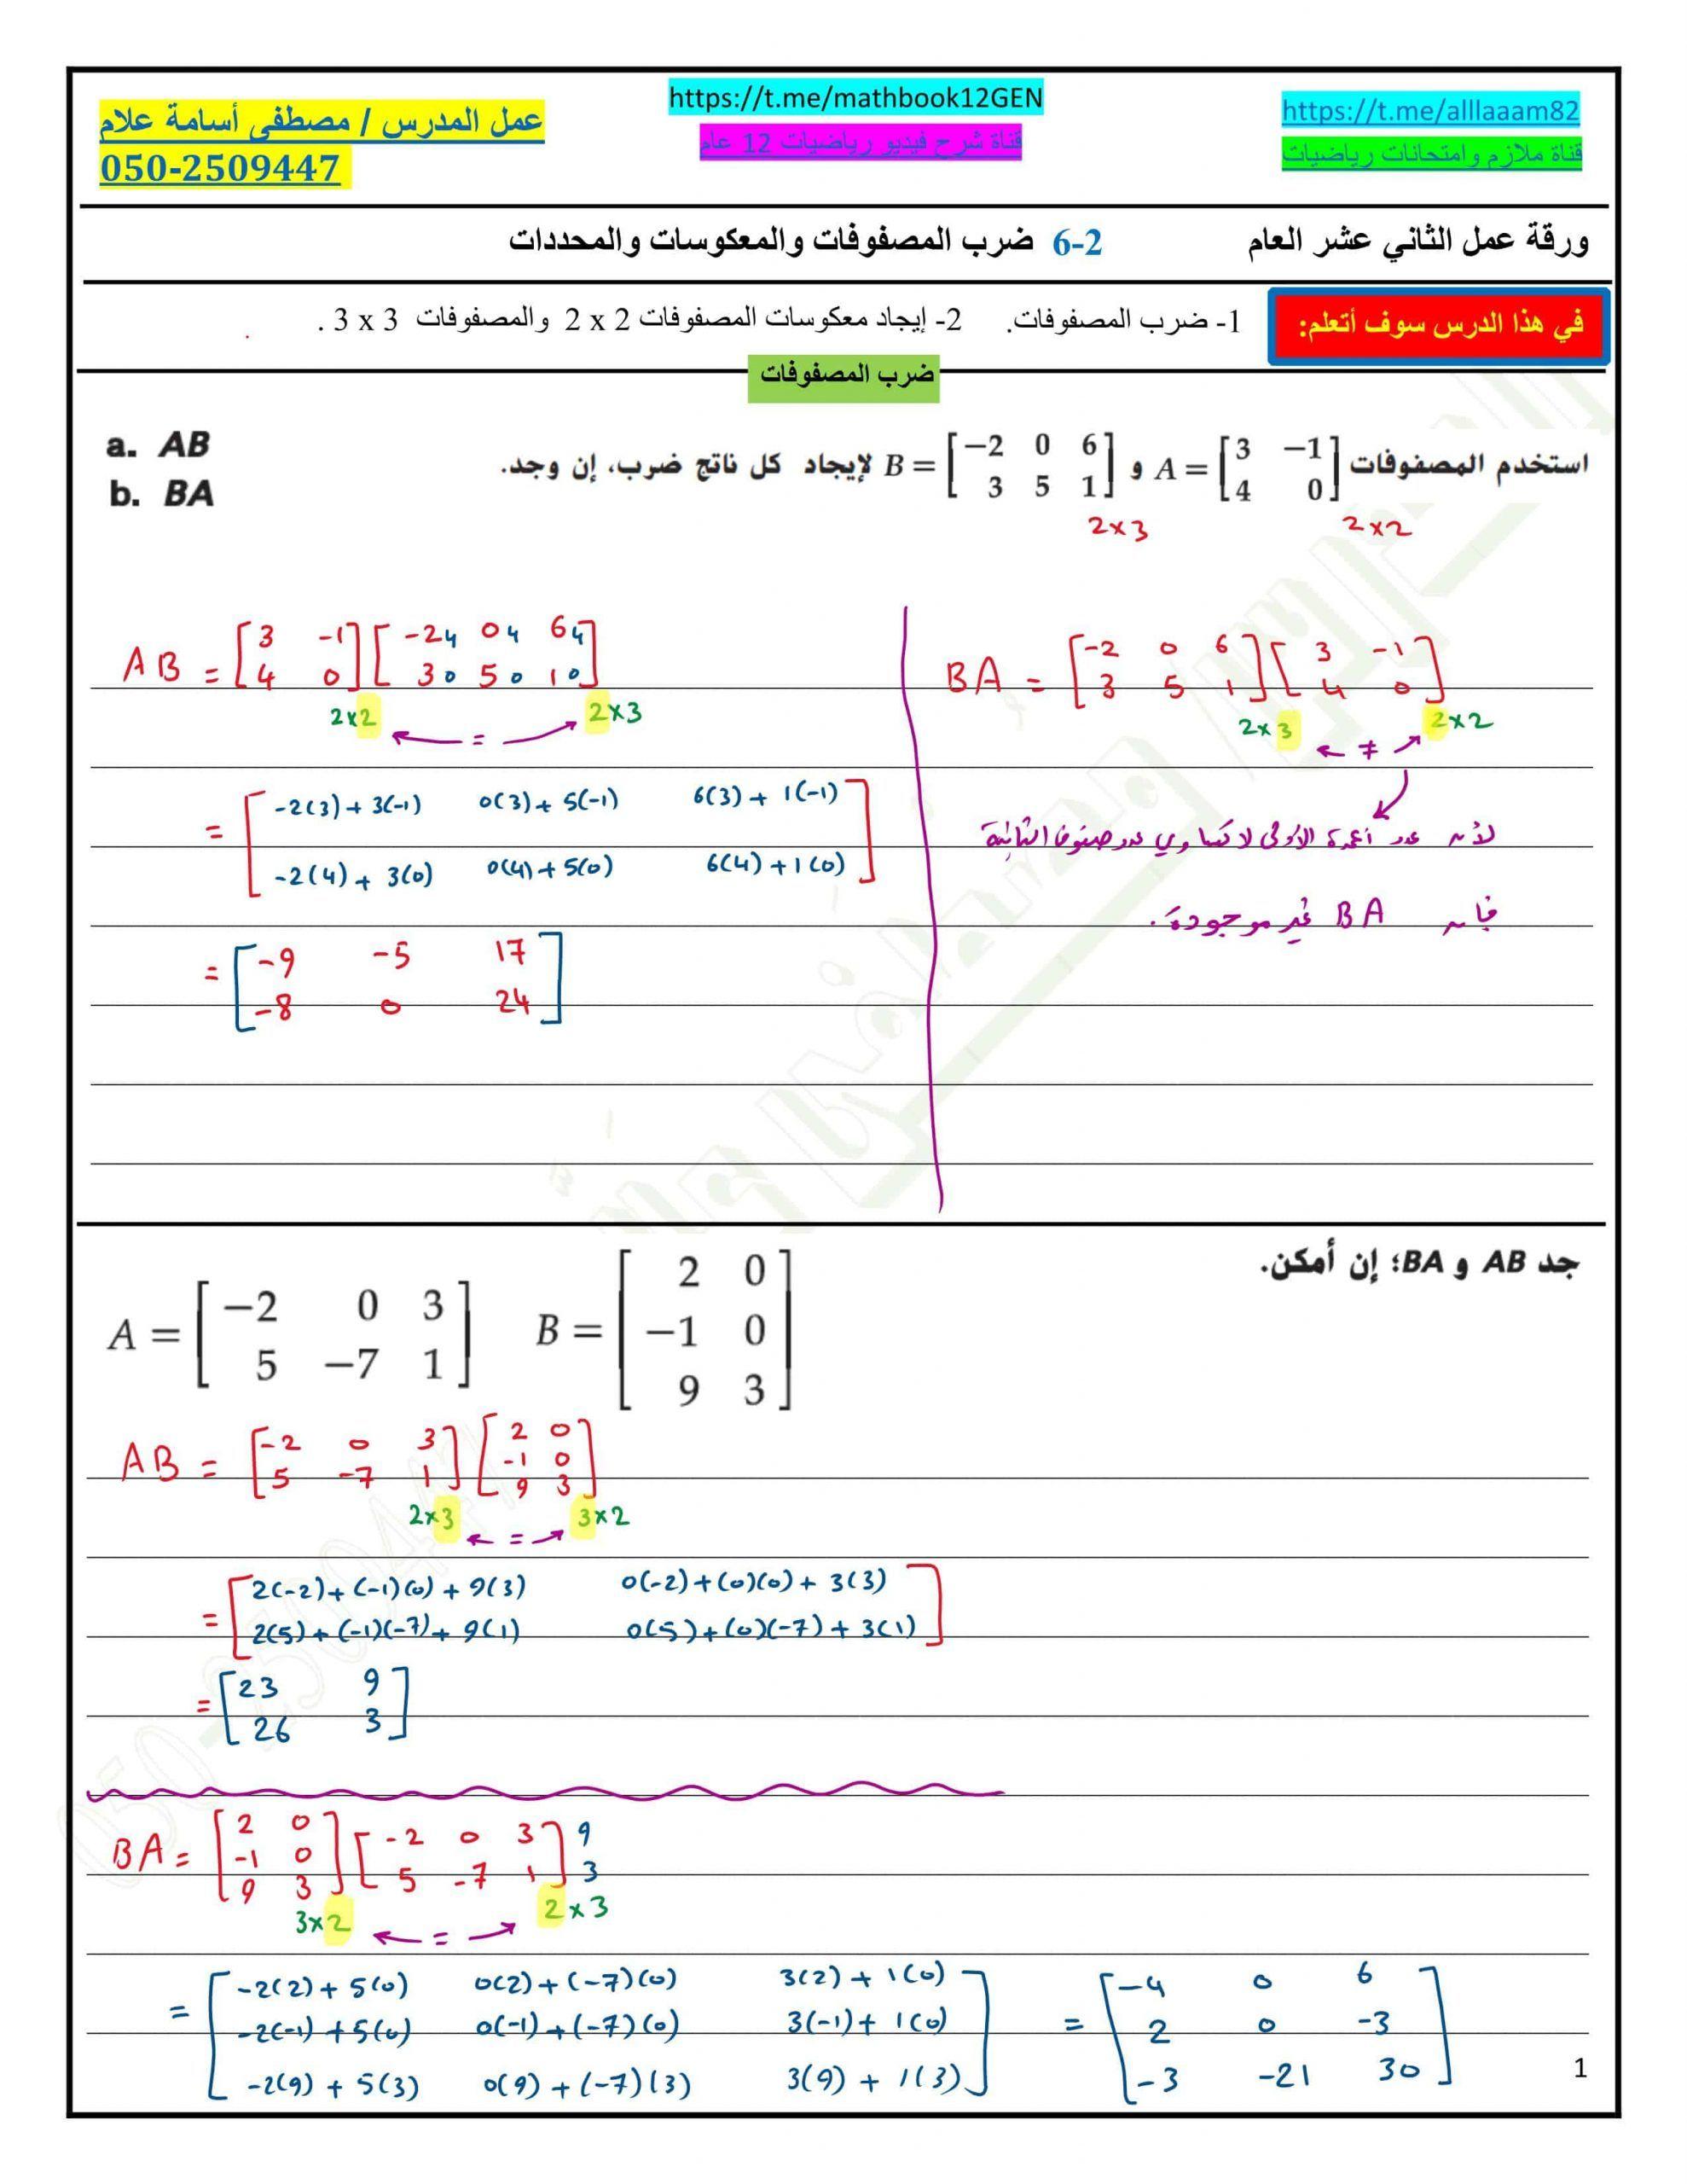 حل أوراق عمل ضرب المصفوفات والمعكوسات والمحددات الصف الثاني عشر عام مادة الرياضيات المتكاملة In 2021 Abs 3x3